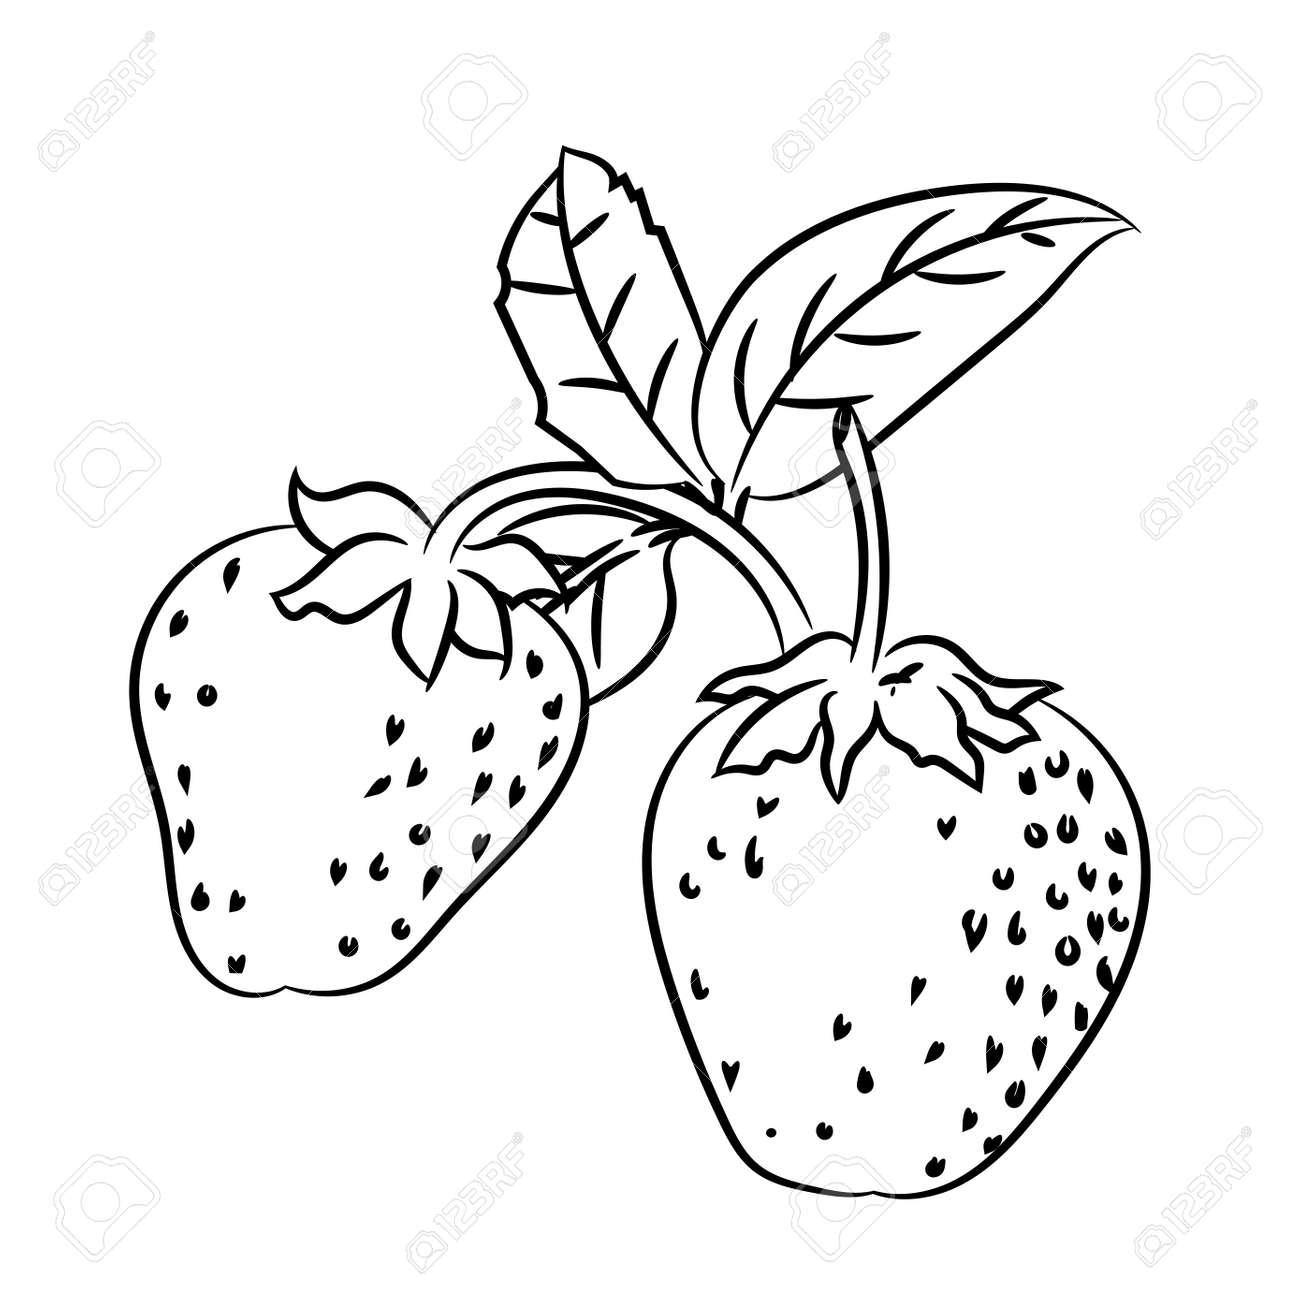 支店とイチゴの描かれたスケッチの手し葉の分離ぬり絵 ライン描画